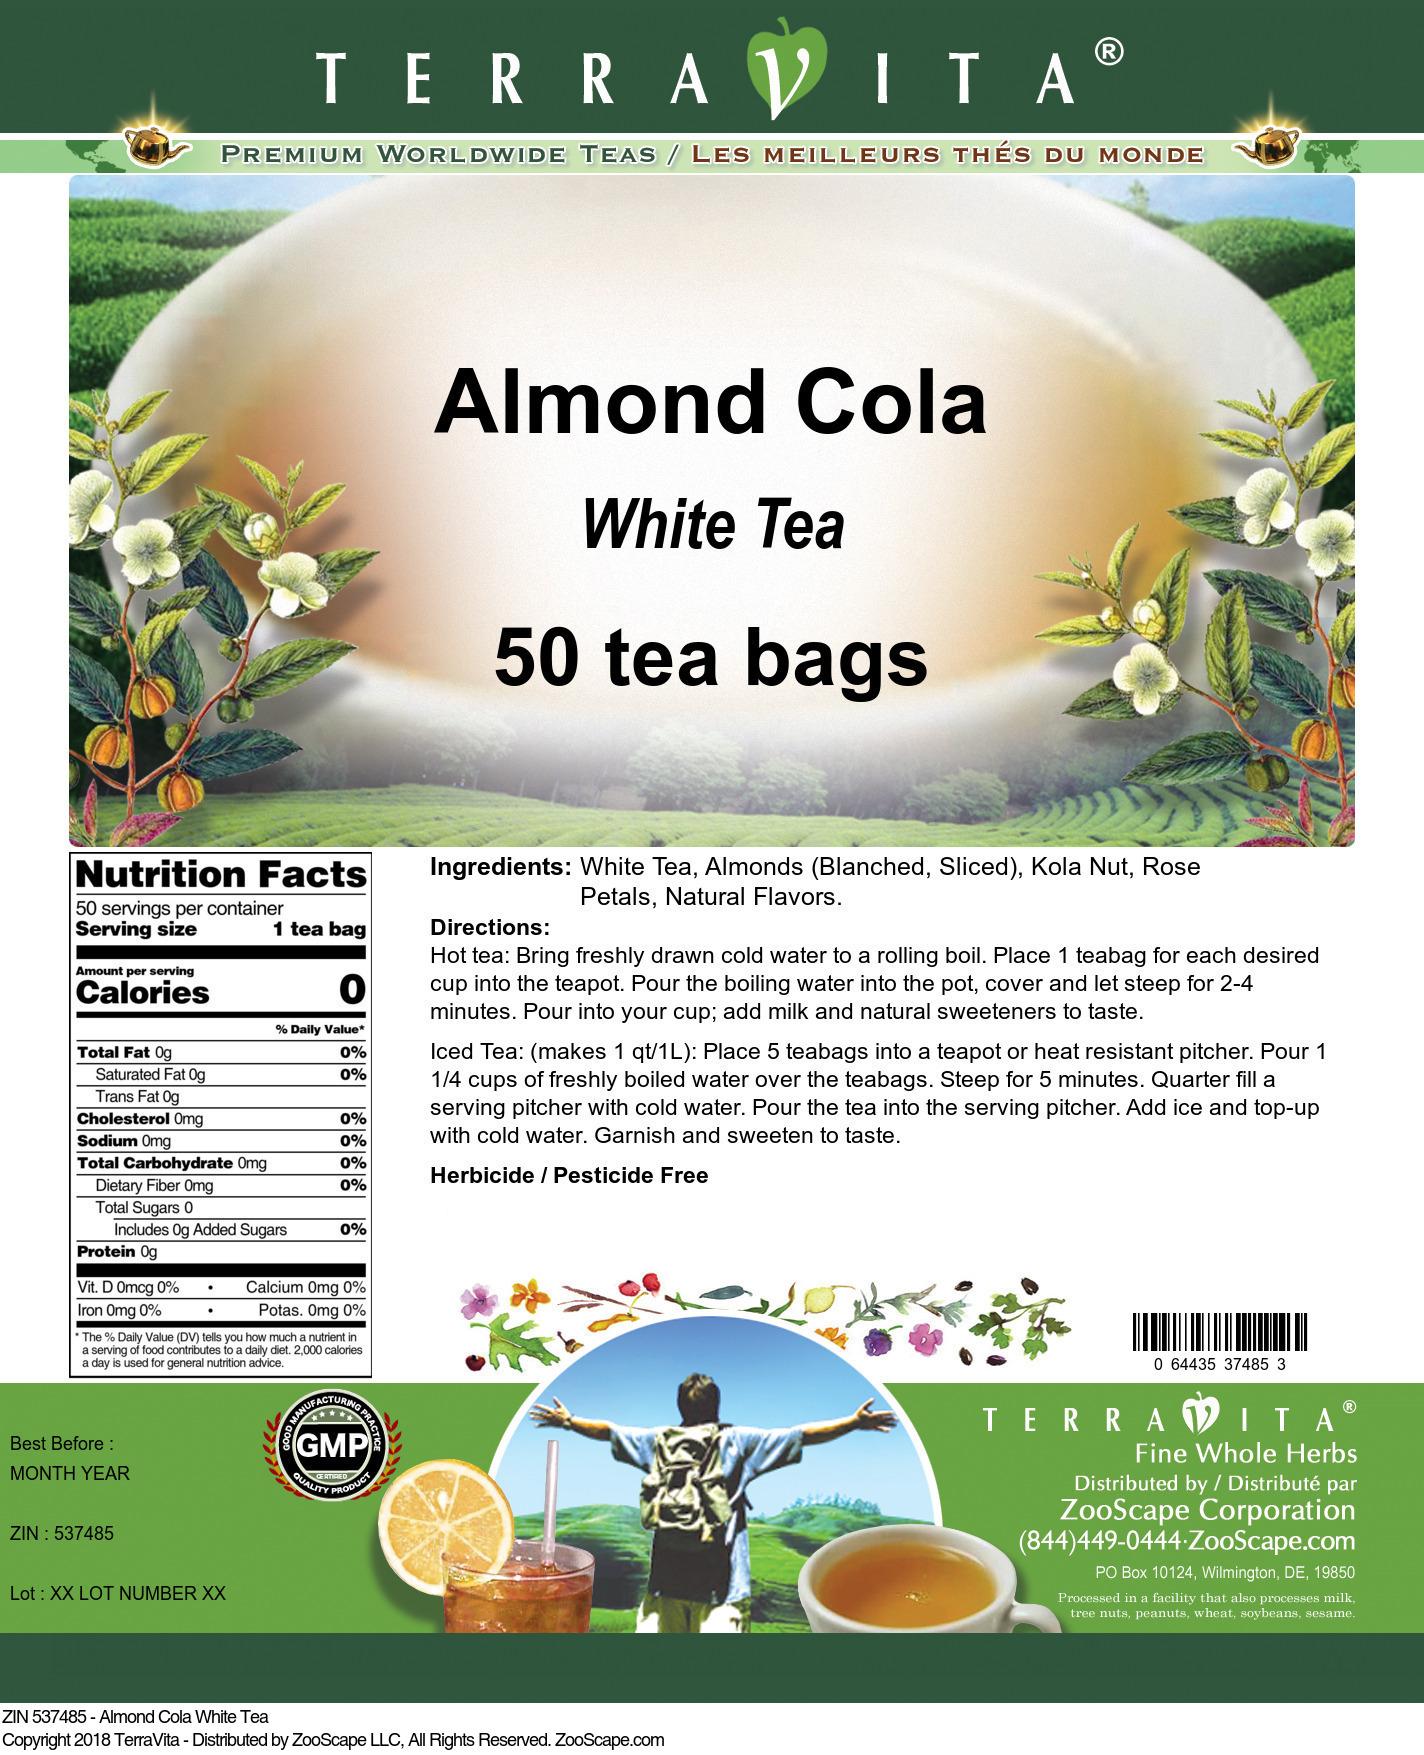 Almond Cola White Tea